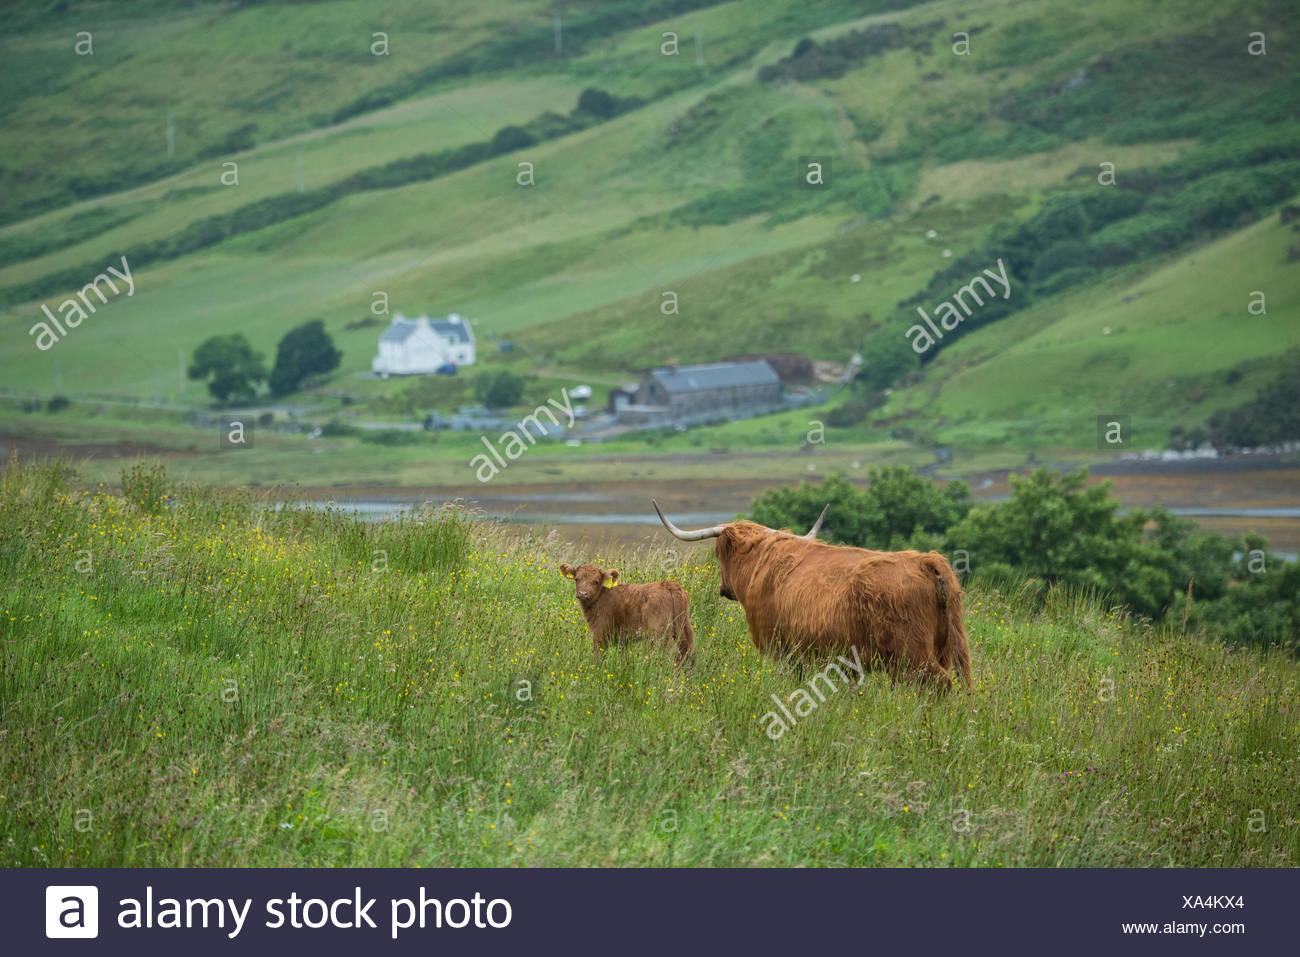 Scotland, Hebrides archipelago, Isle of Skye, Bos taurus, Highland cattle - Stock Image